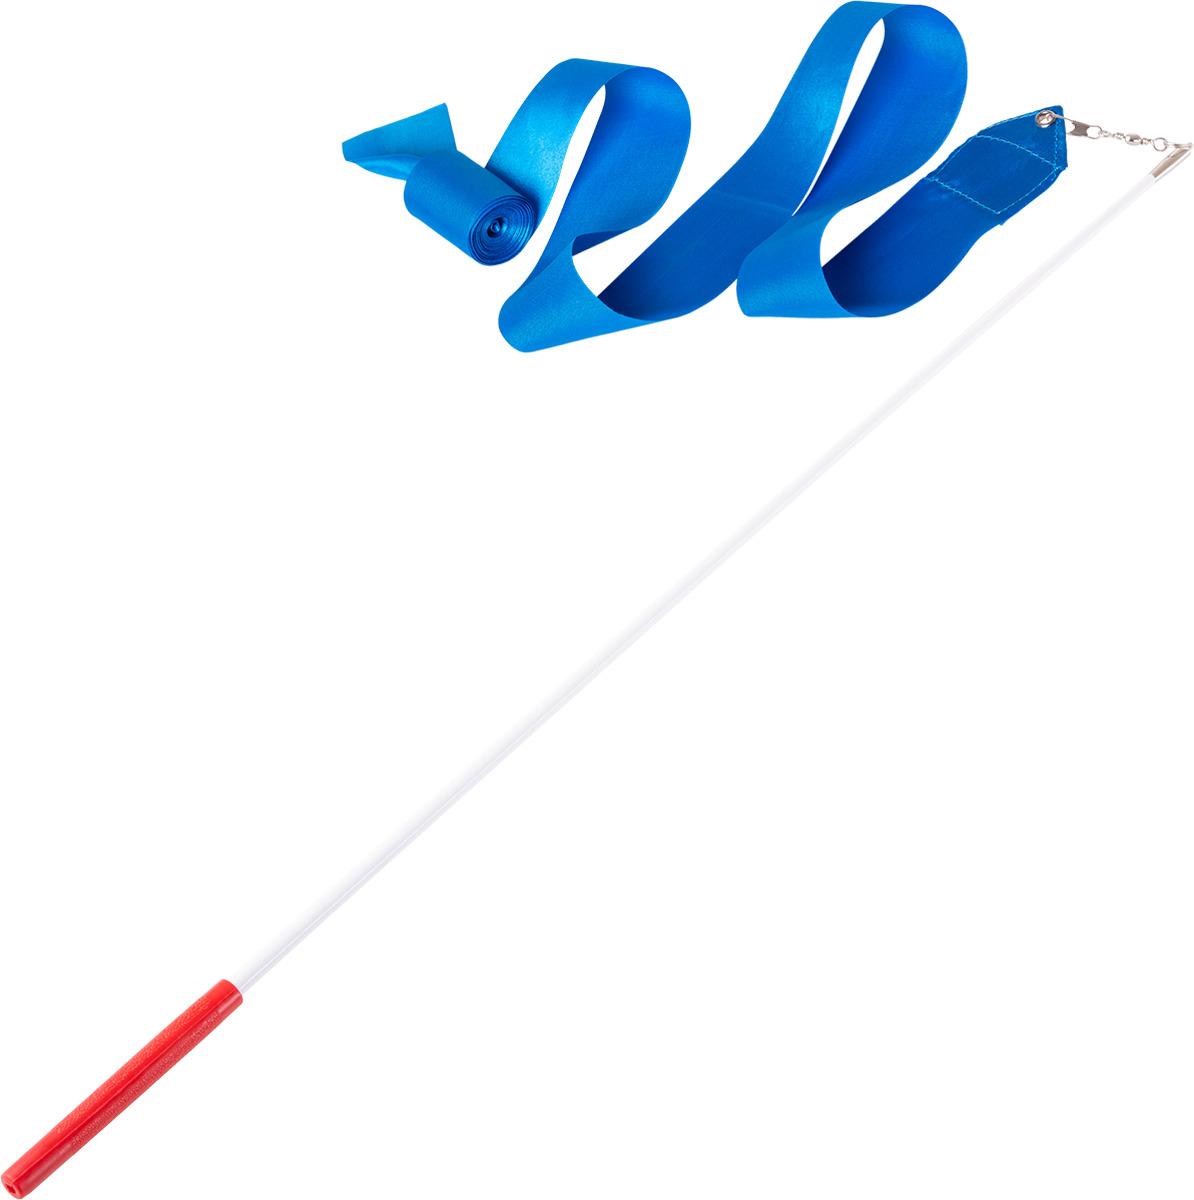 Лента для художественной гимнастики Amely AGR-201, длина 4 м, с палочкой 46 см, цвет: голубой лонгслив для гимнастики малыши